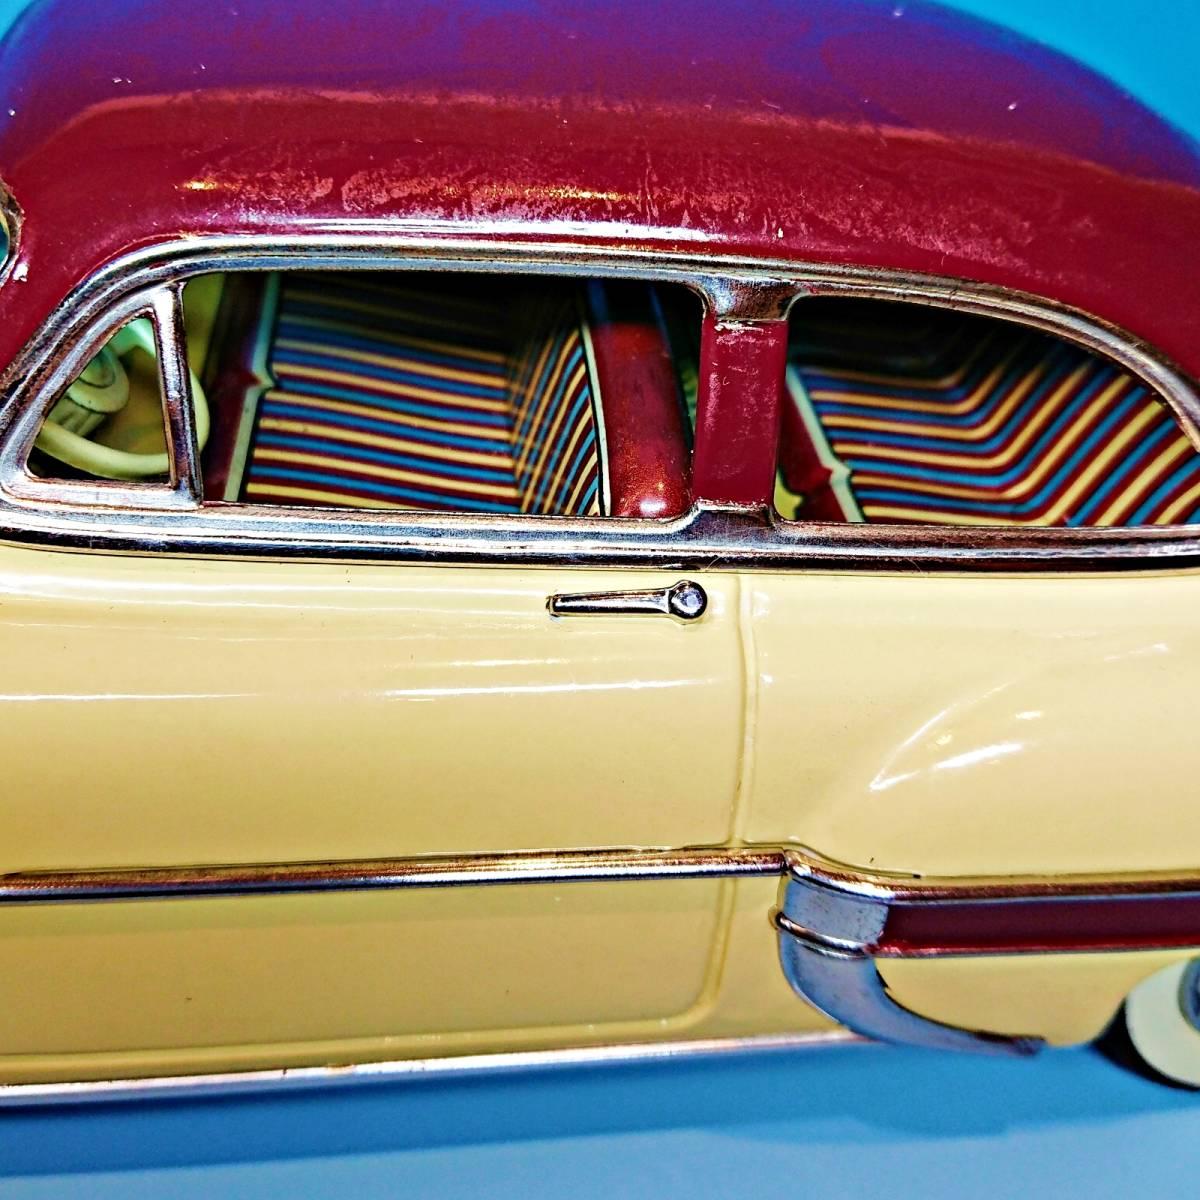 超希少ブリキ! ラインマー シボレー 世界に1つのツートンカラー Linemar Chevrolet マルサン/コスゲ製 リペイント 自動車 ビンテージ _画像6